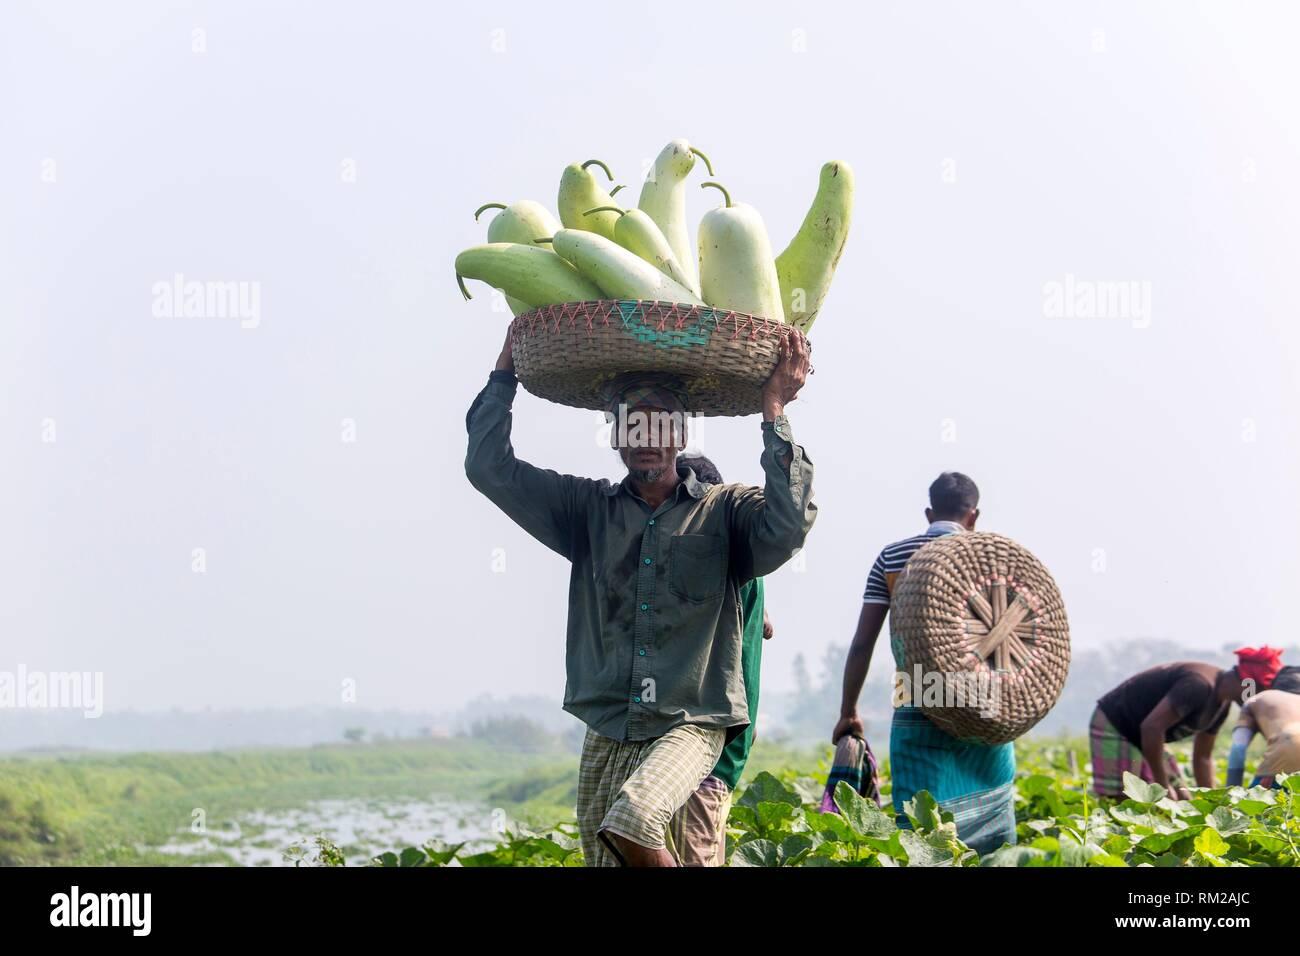 Die Arial Beel (Wasser Körper) von Munshiganj berühmt für die besondere Art der großen mittelständischen süße Kürbisse, die lokalen Erzeuger sind die riesige Stockfoto